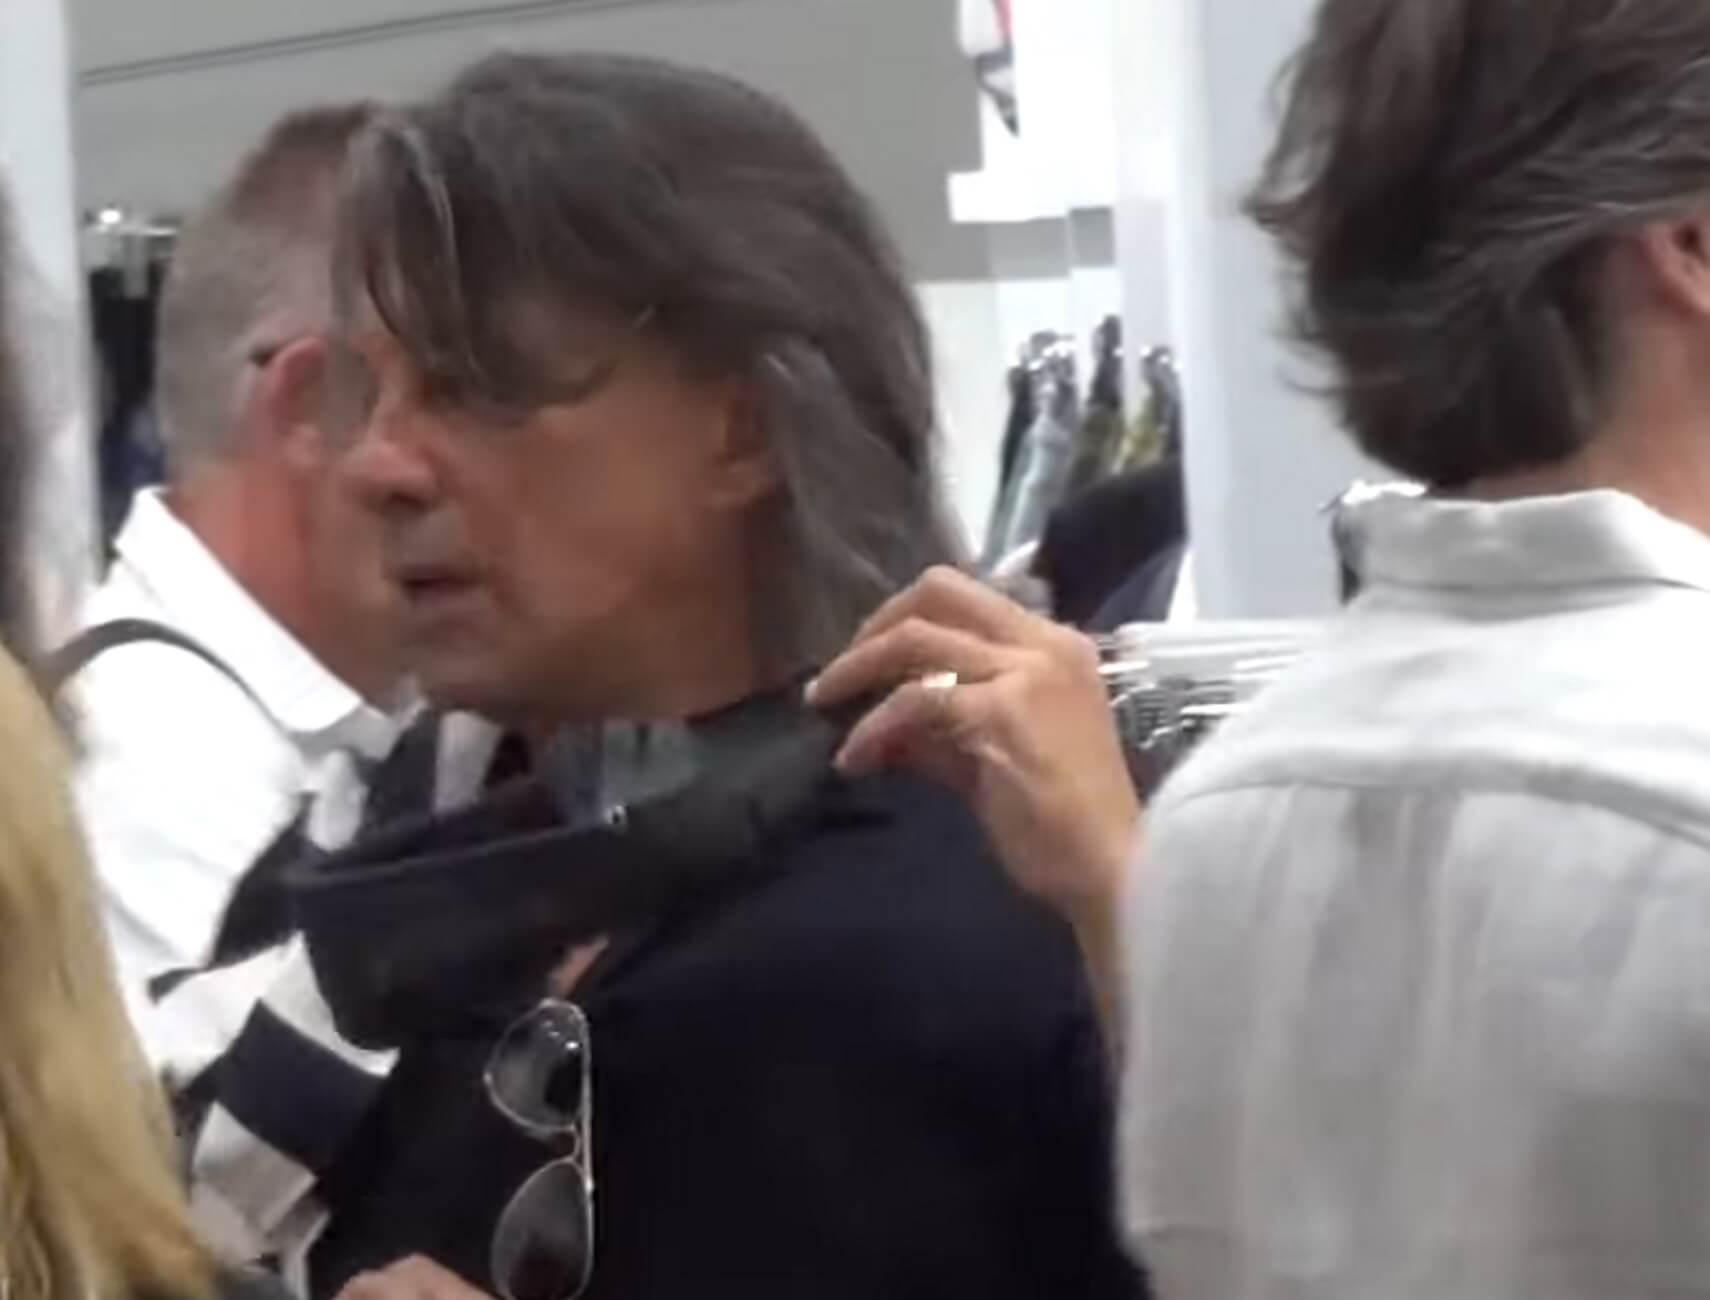 Μύκονος: Ο Ψινάκης τα ψώνια και οι σωματοφύλακες – Κέντρισε τα βλέμματα στα Ματογιάννια – video